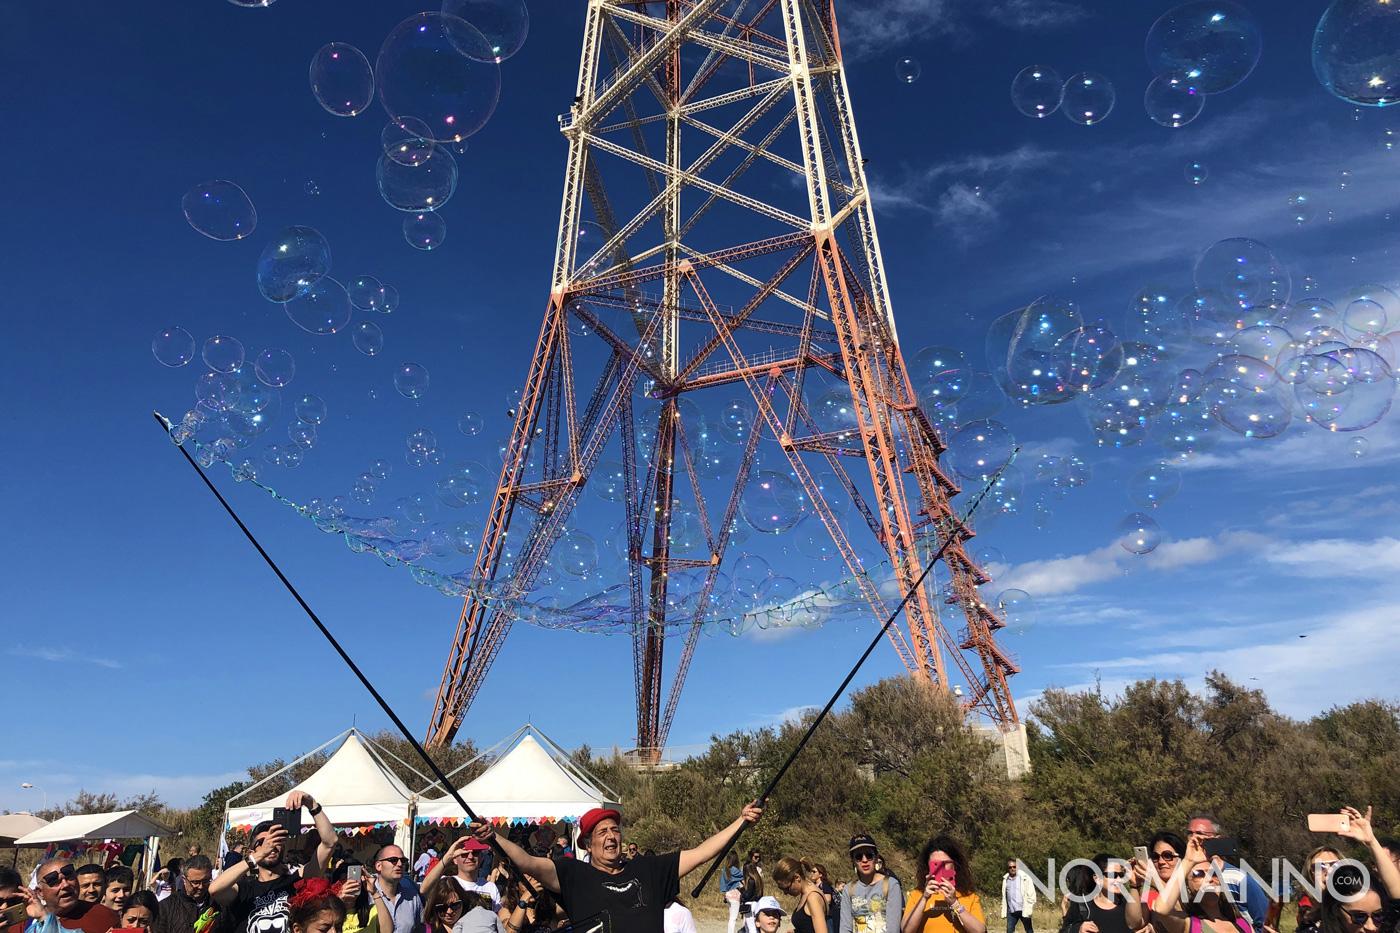 Foto dello spettacolo delle bolle dei Circobaleno al Festival degli Aquiloni di Messina 2019